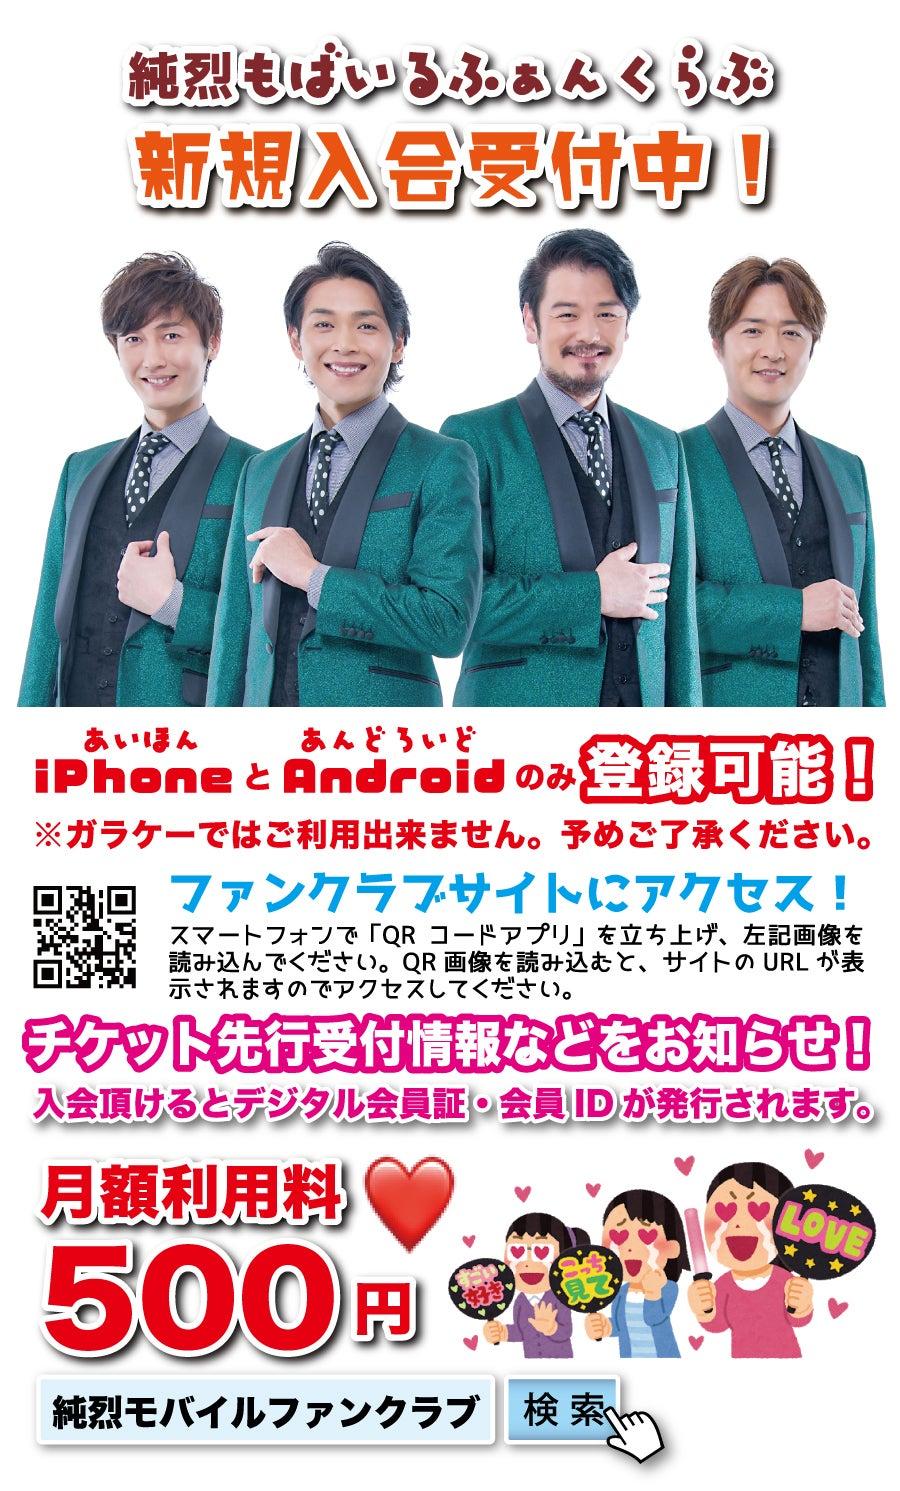 純烈 ▽「純烈のハッピーバースデー」視聴動画公開中!▽